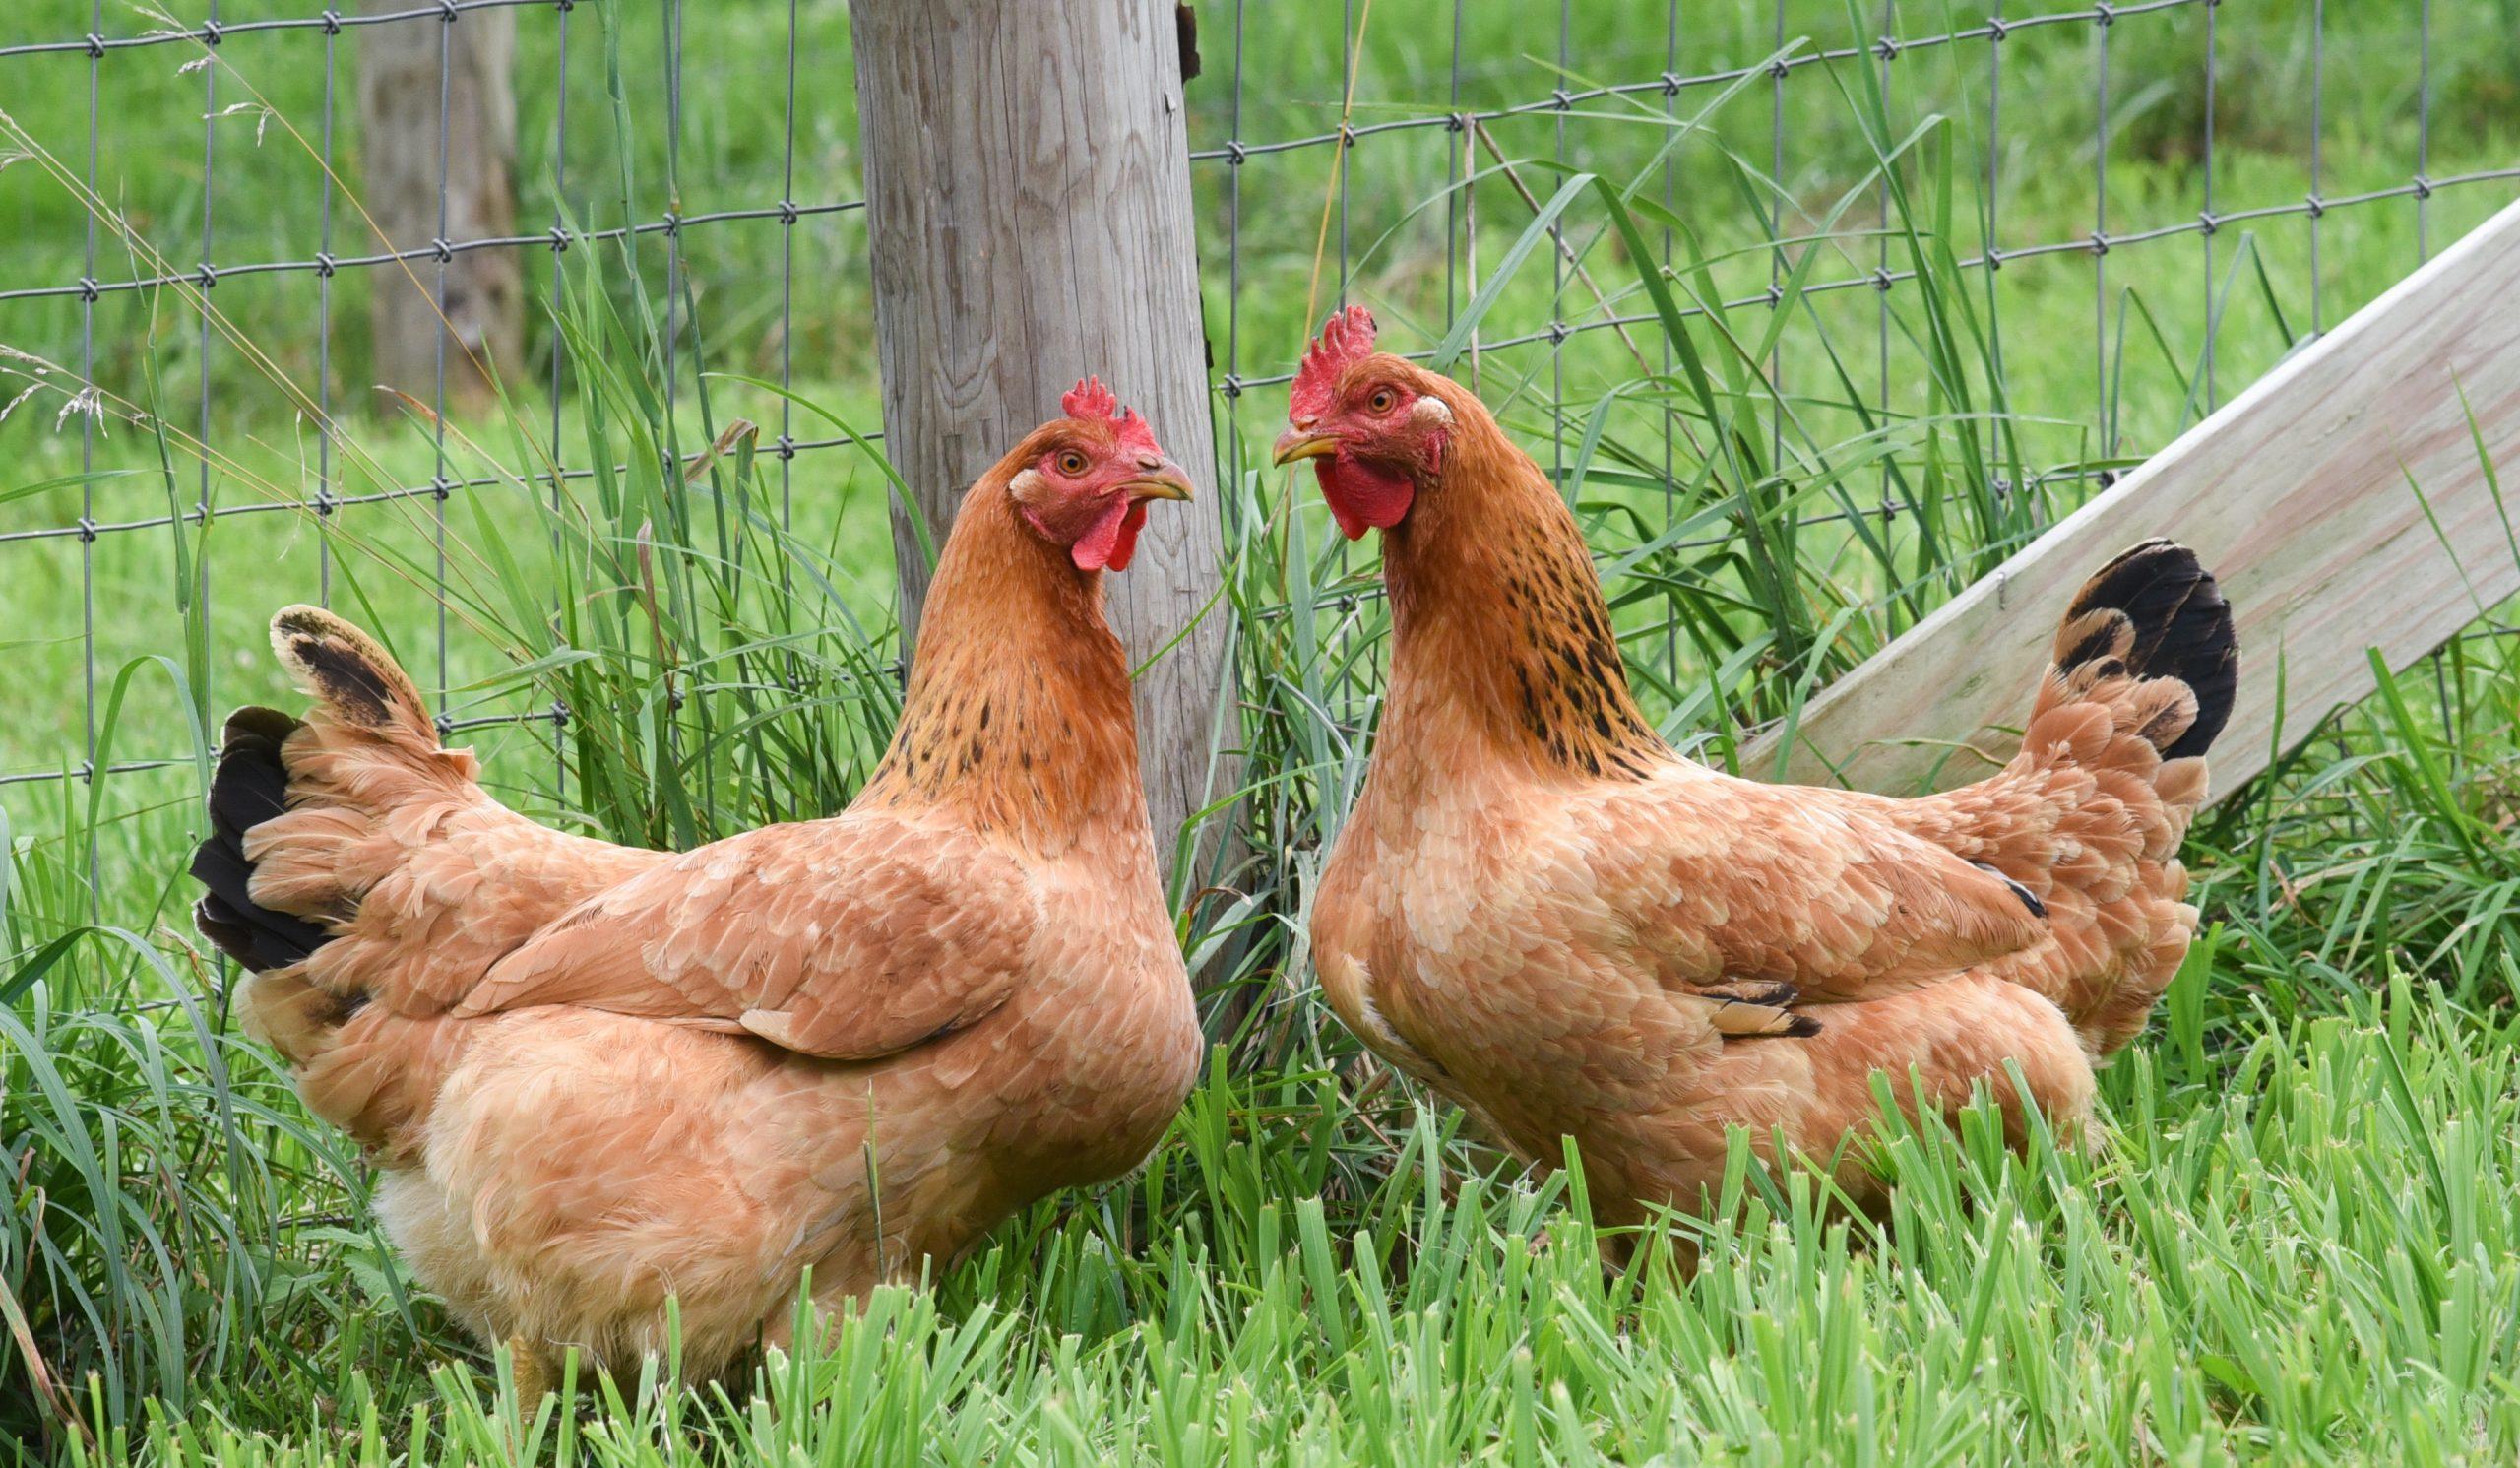 Georgia Hardstark and Karen Kilgariff hens at Farm Sanctuary's New York shelter